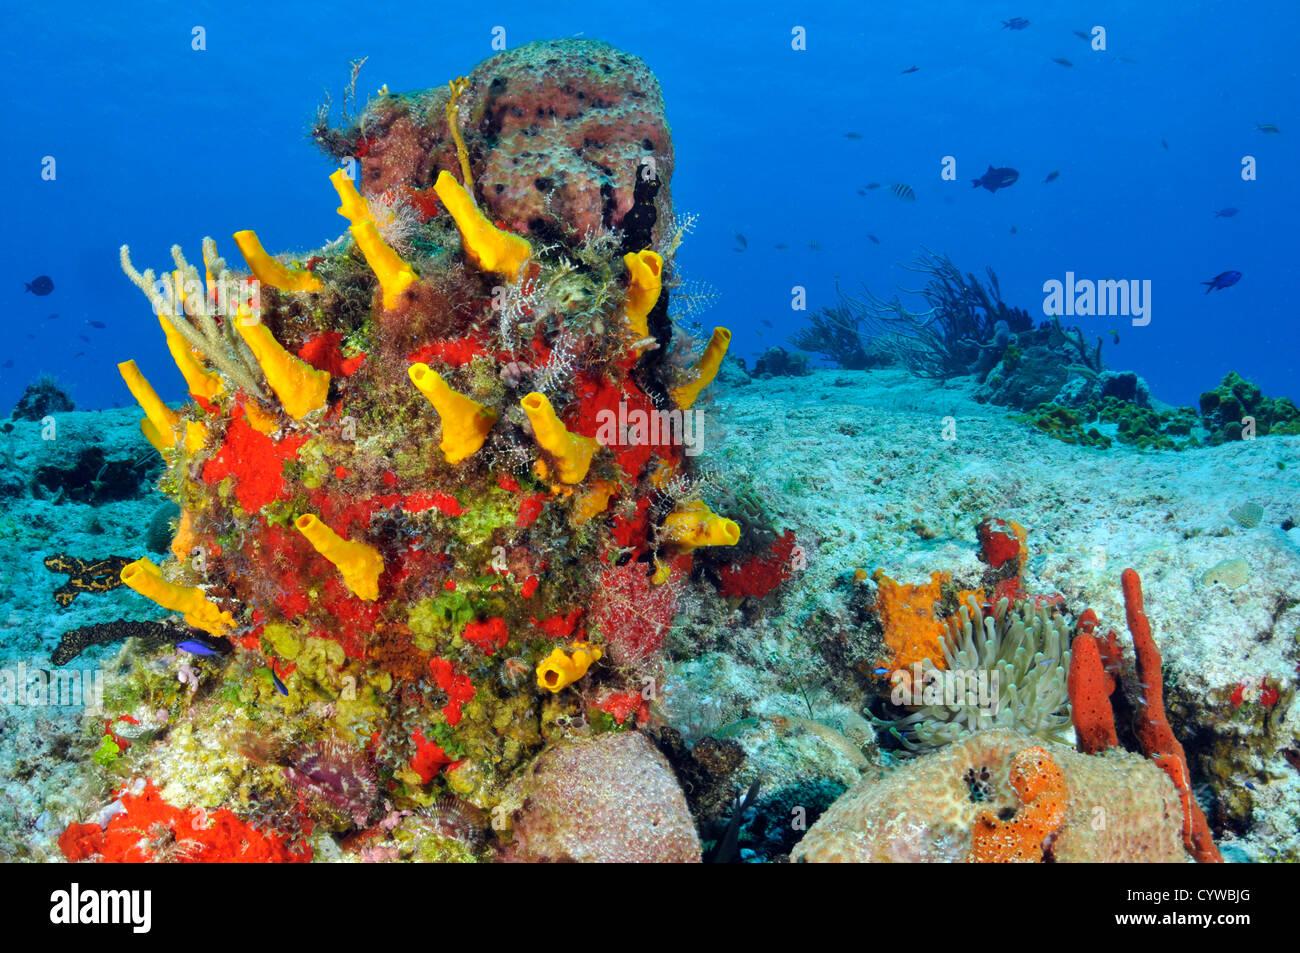 Colorate barriere coralline e spugne, Cozumel, Quintana-Roo, Messico, Mar dei Caraibi Immagini Stock